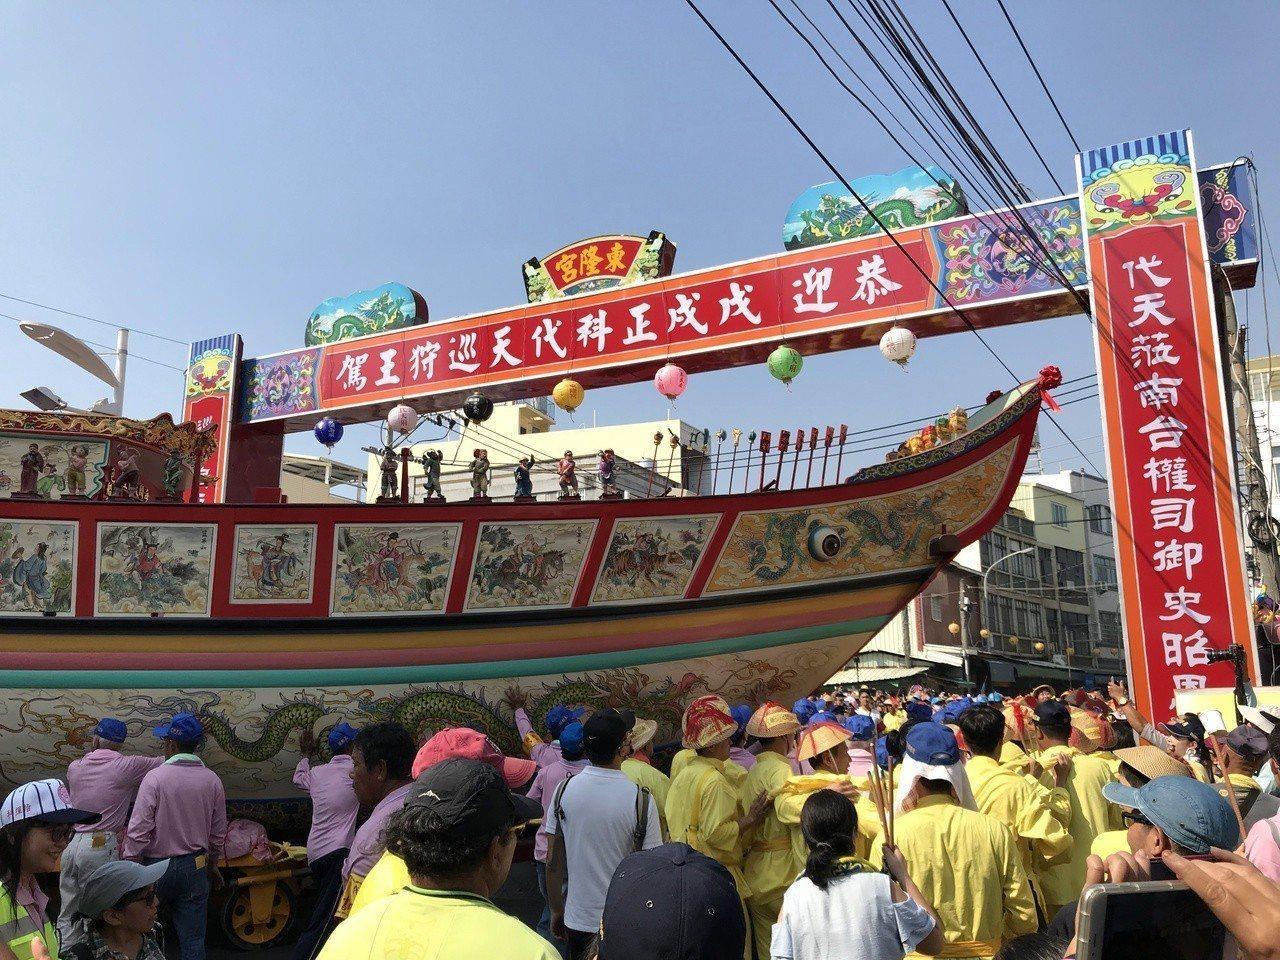 王船要在東港鎮內大街小巷穿梭。記者蔣繼平/攝影